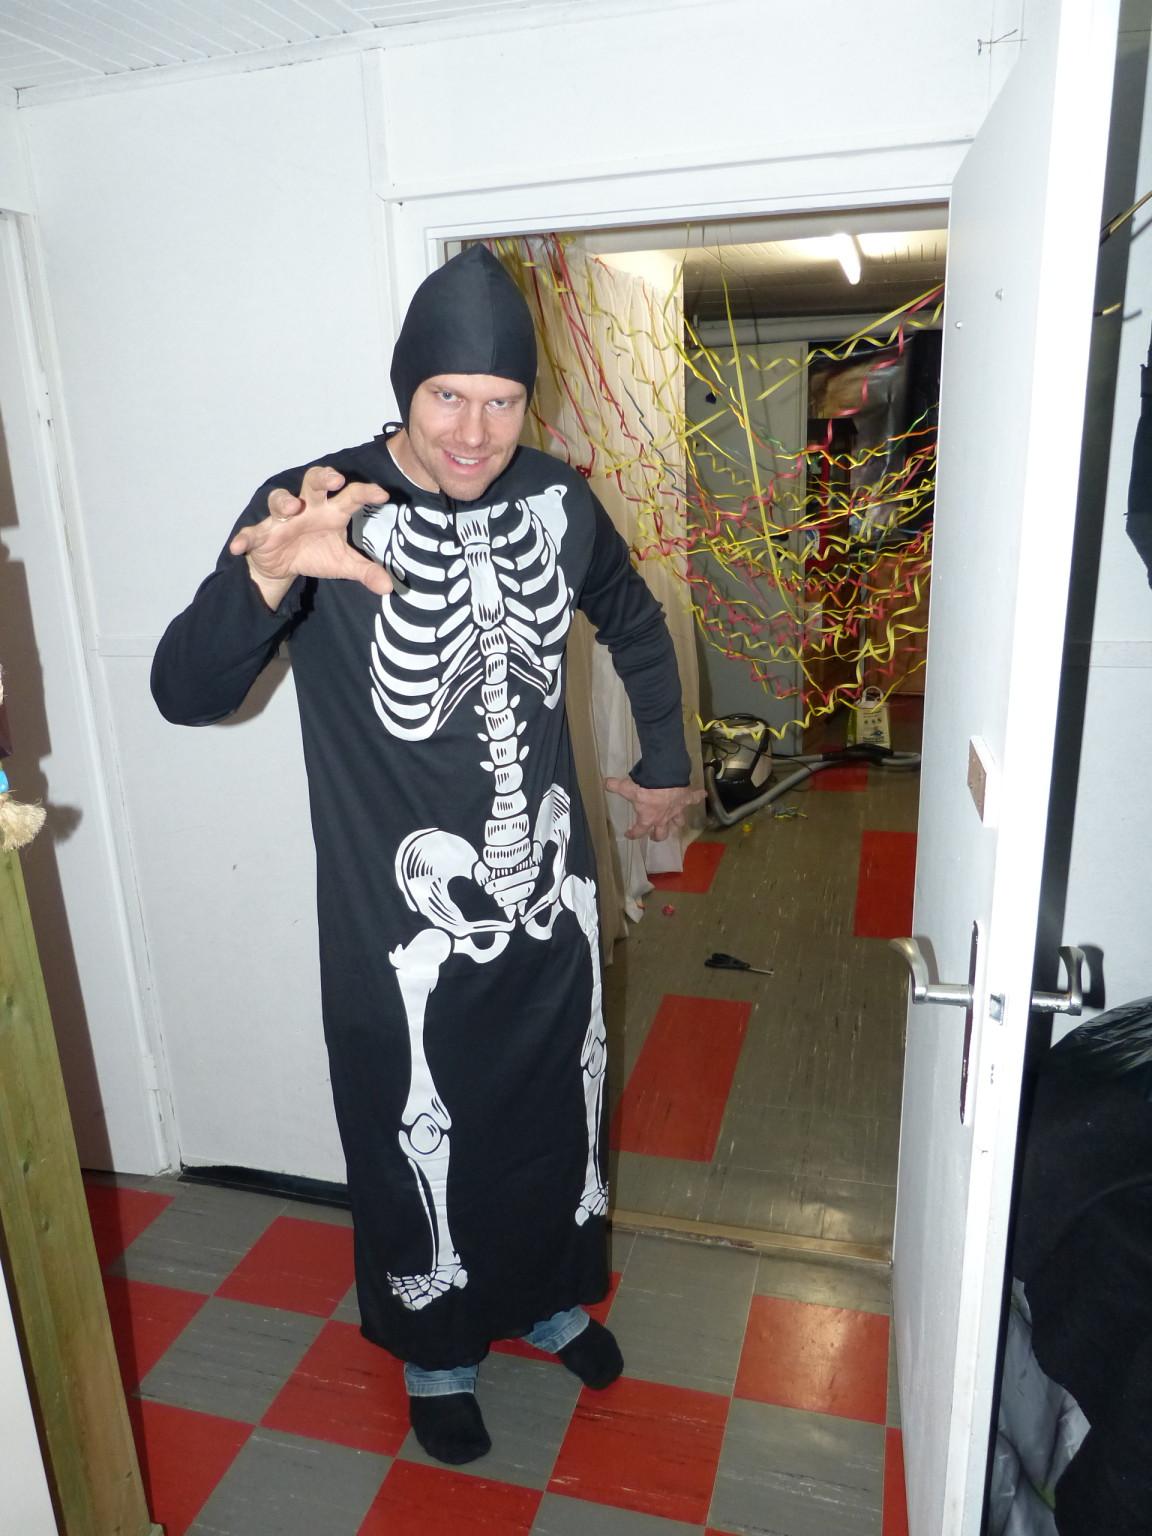 Skelett_bewacht_Ausgang